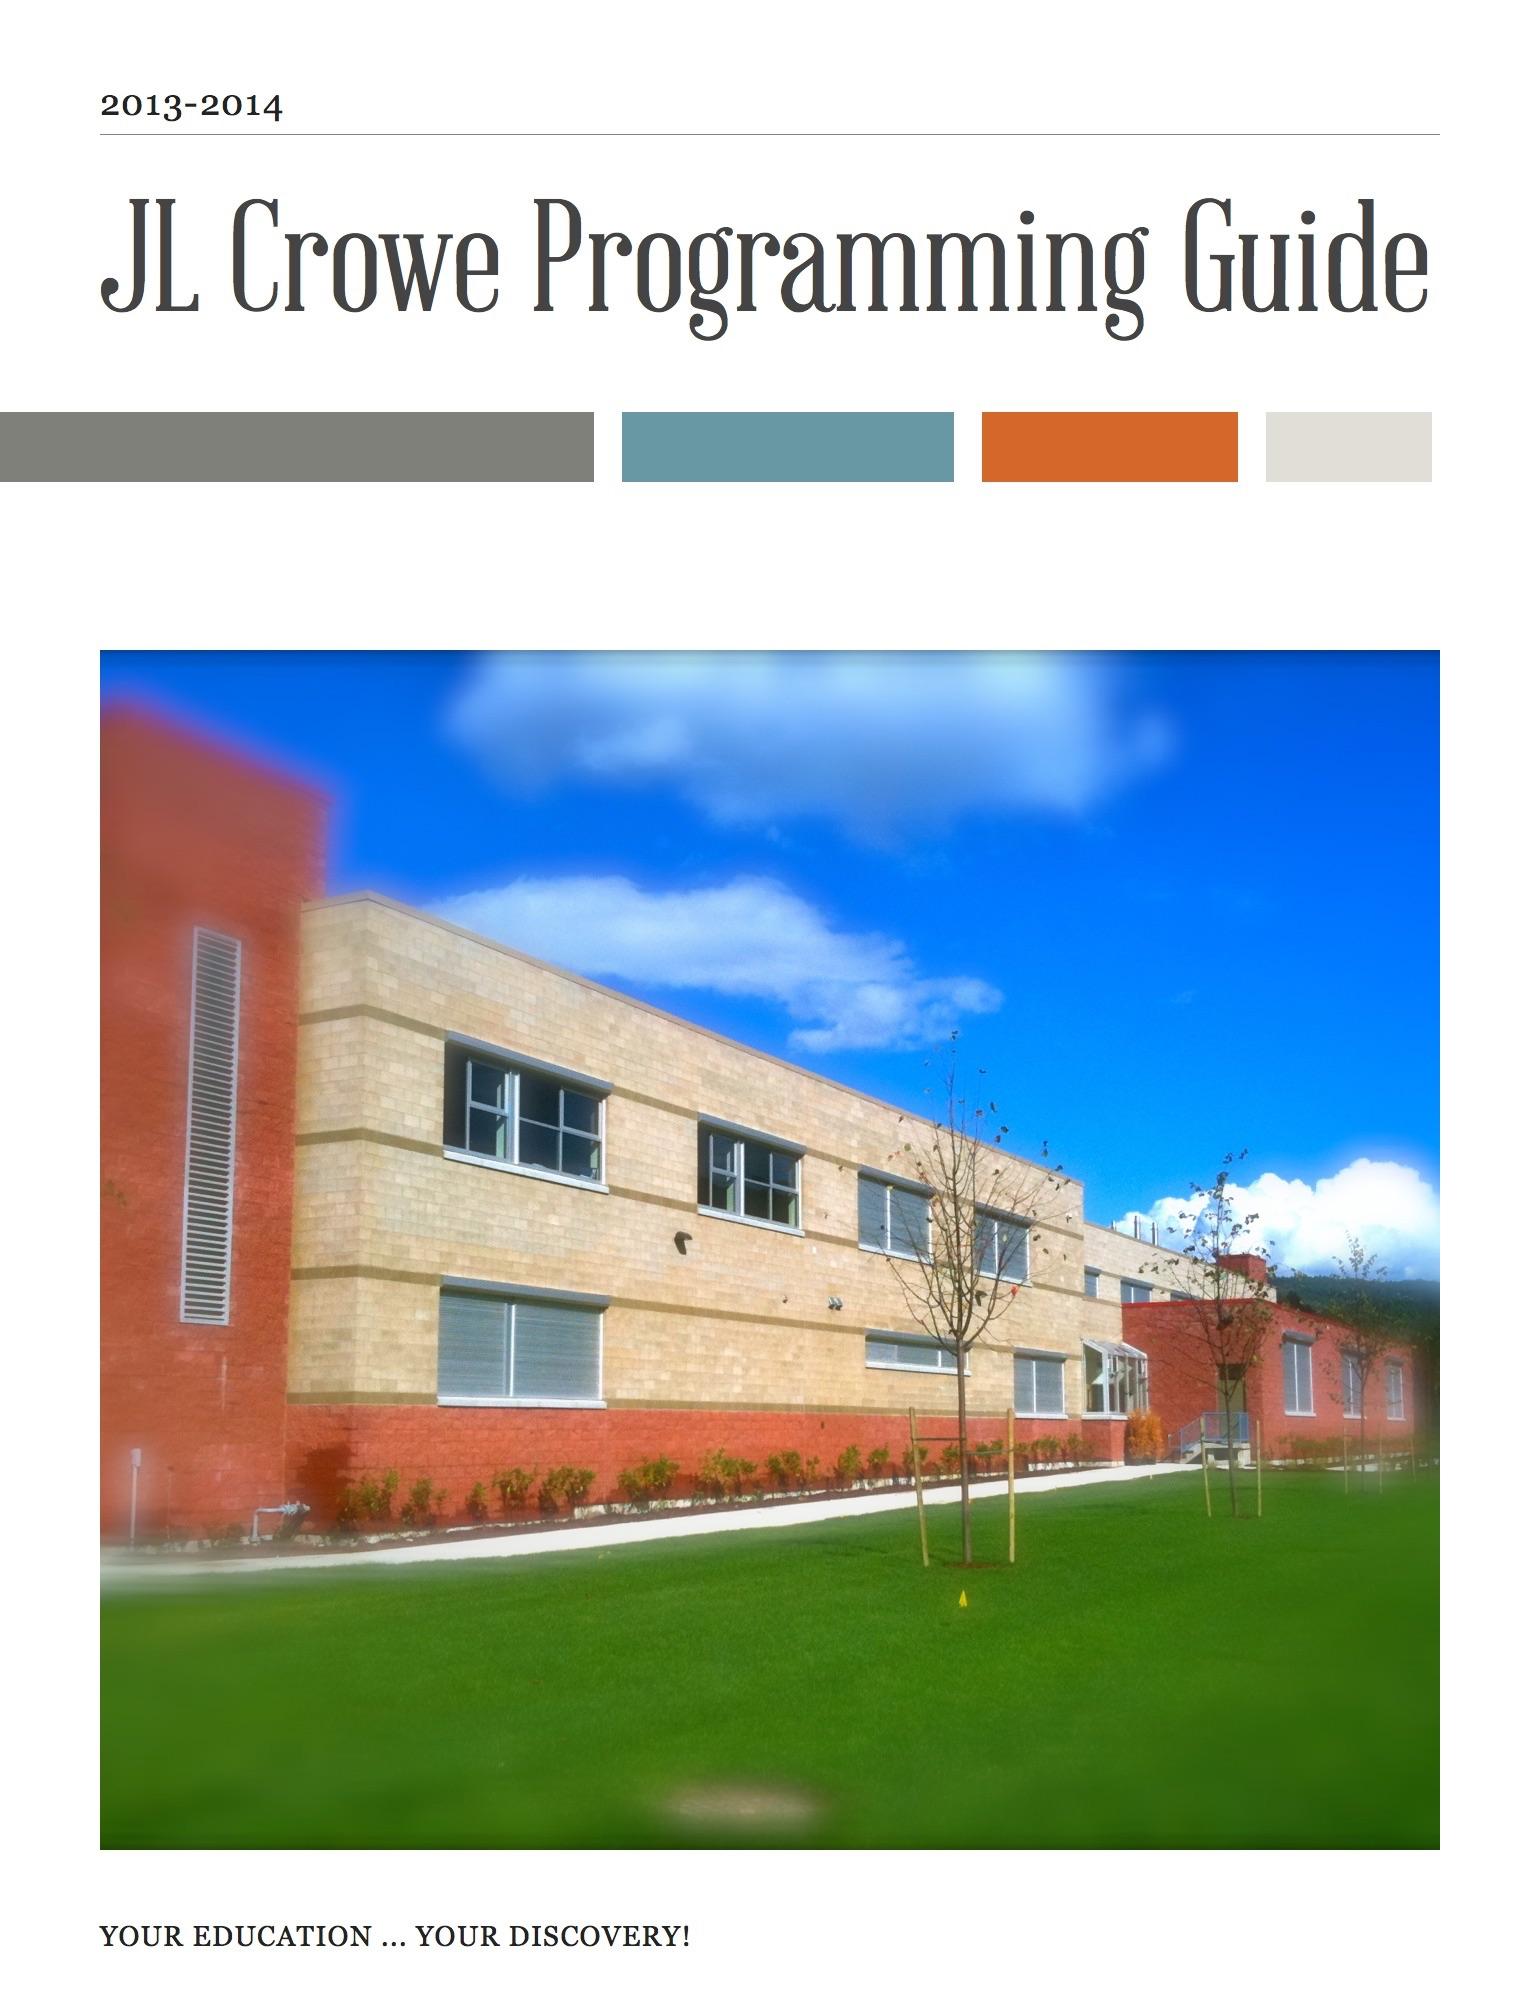 jl crowe homework now